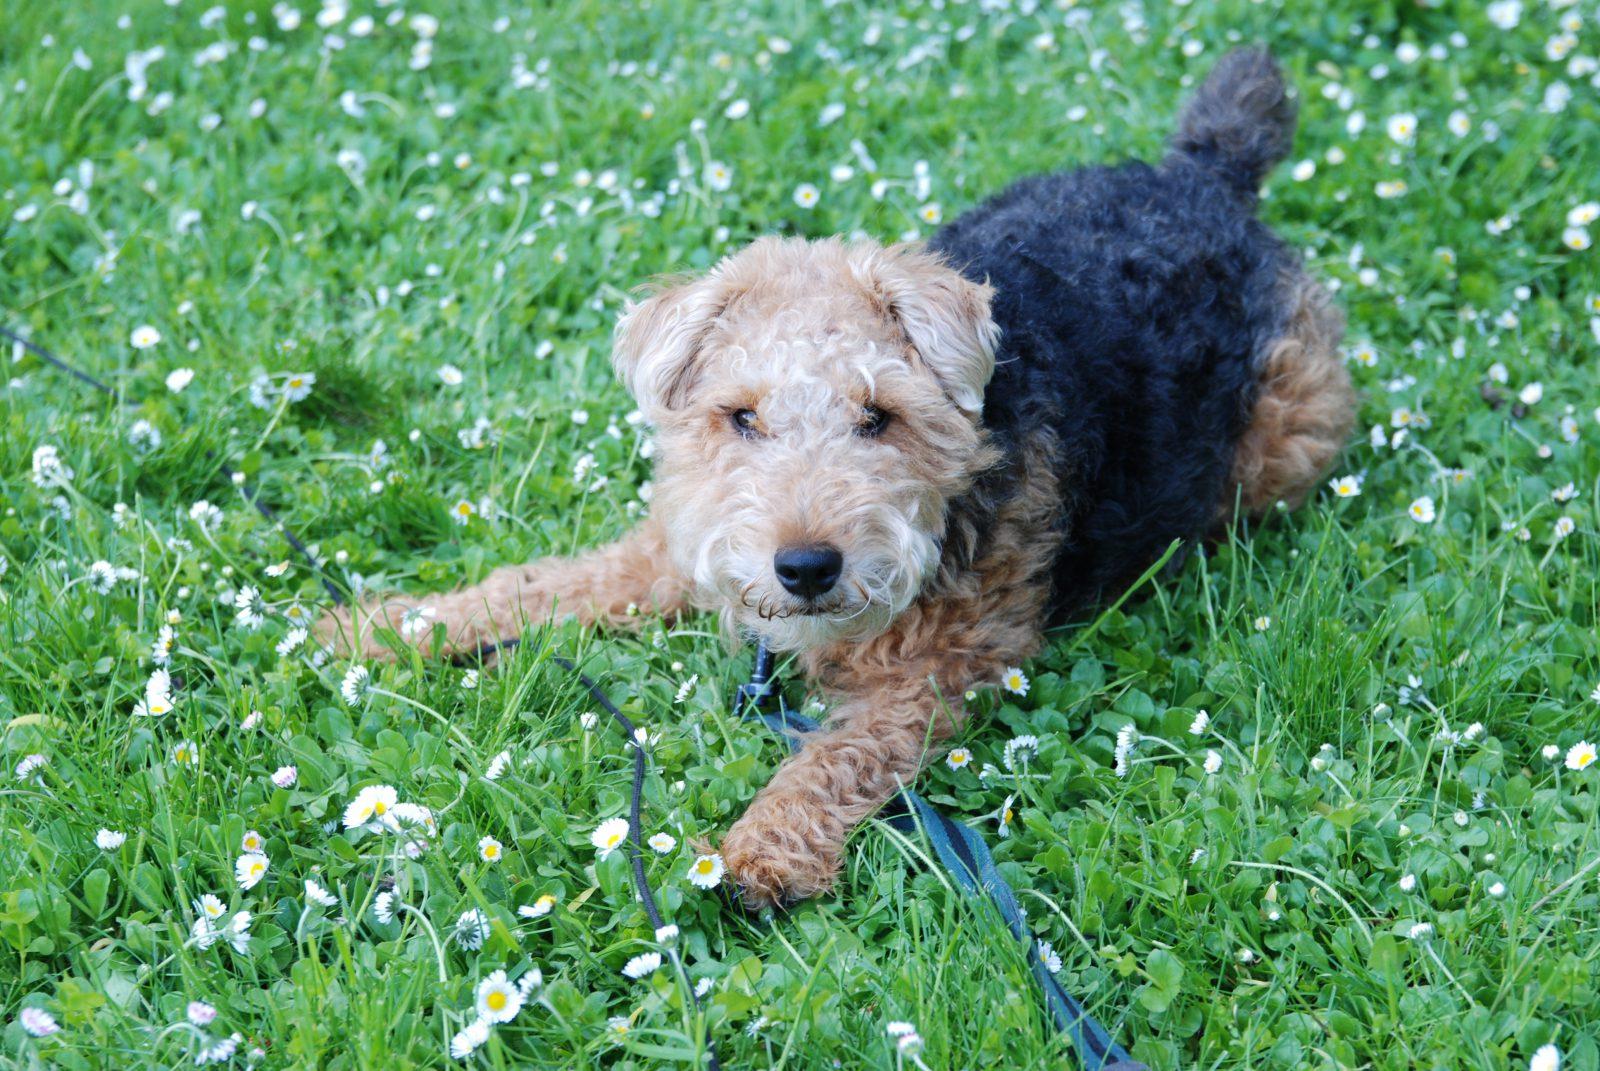 Cachorros de pequeno porte: Welsh Terrier deitado na grama do jardim.